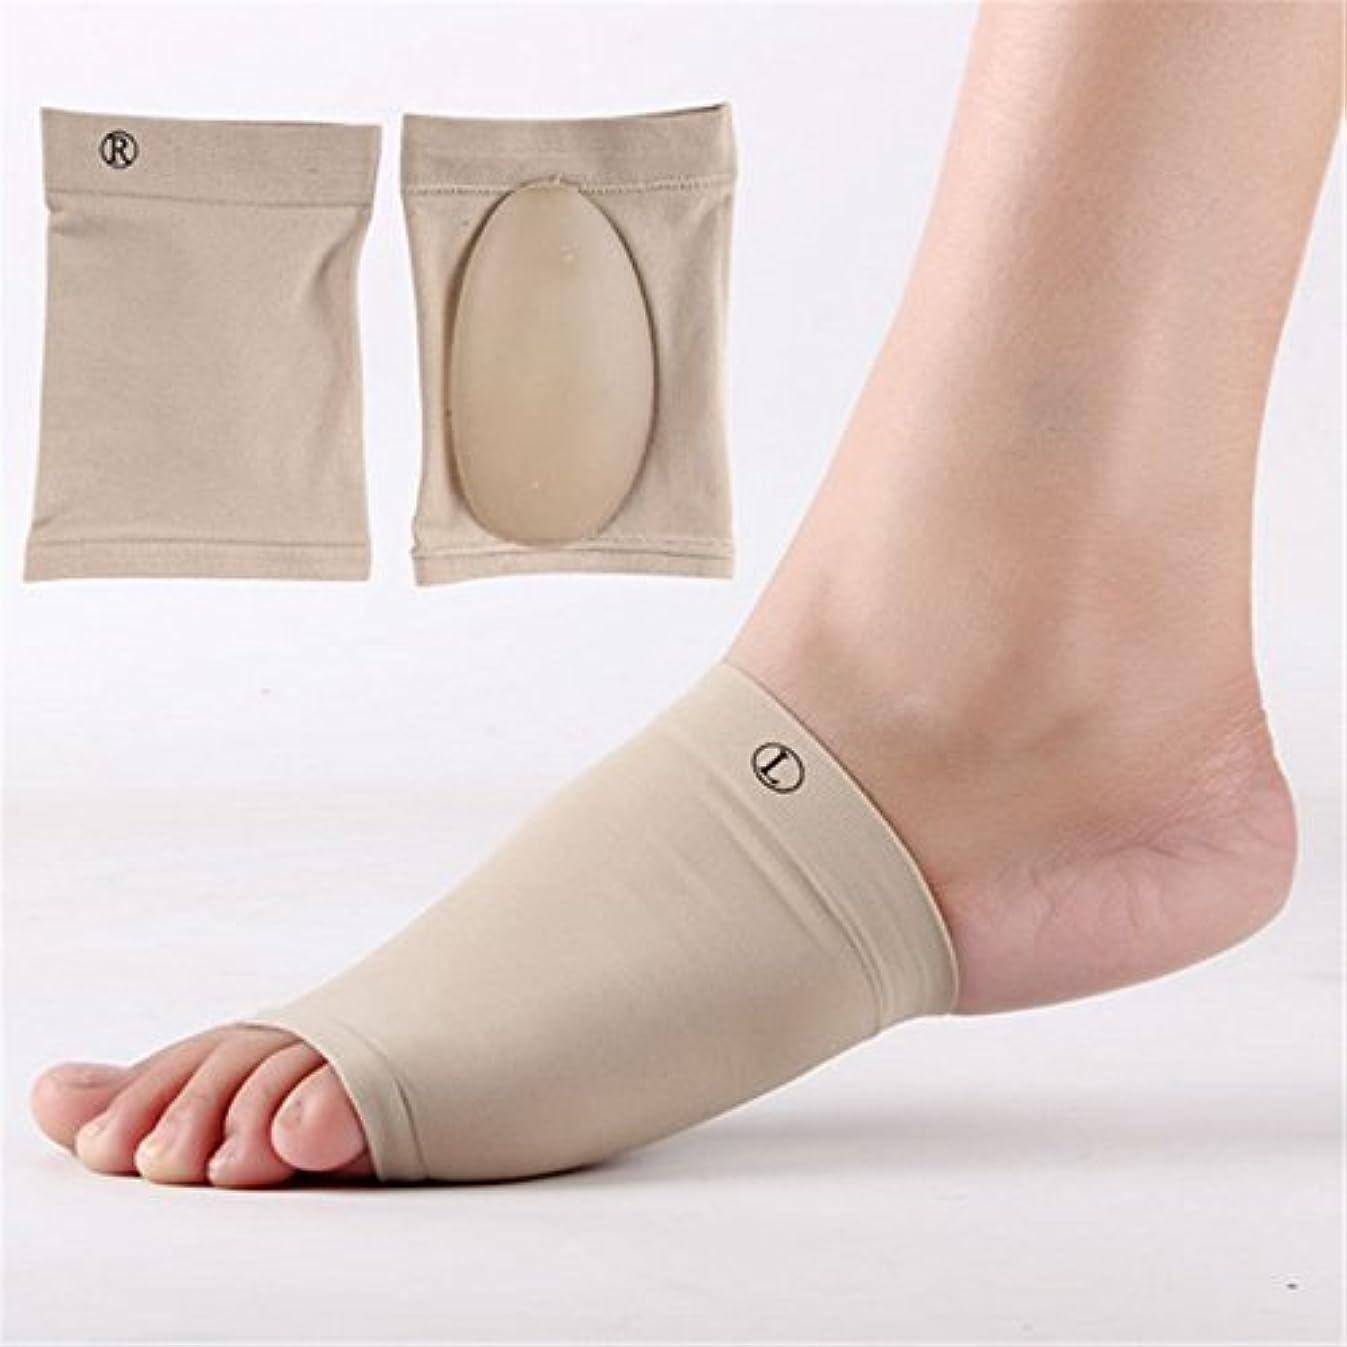 防ぐ敬意を表する記念碑的なLorny(TM)1Pairジェル足底筋膜炎アーチサポートスリーブアーチソックスかかとクッションフラット足の整形外科靴パッドフットケア [並行輸入品]